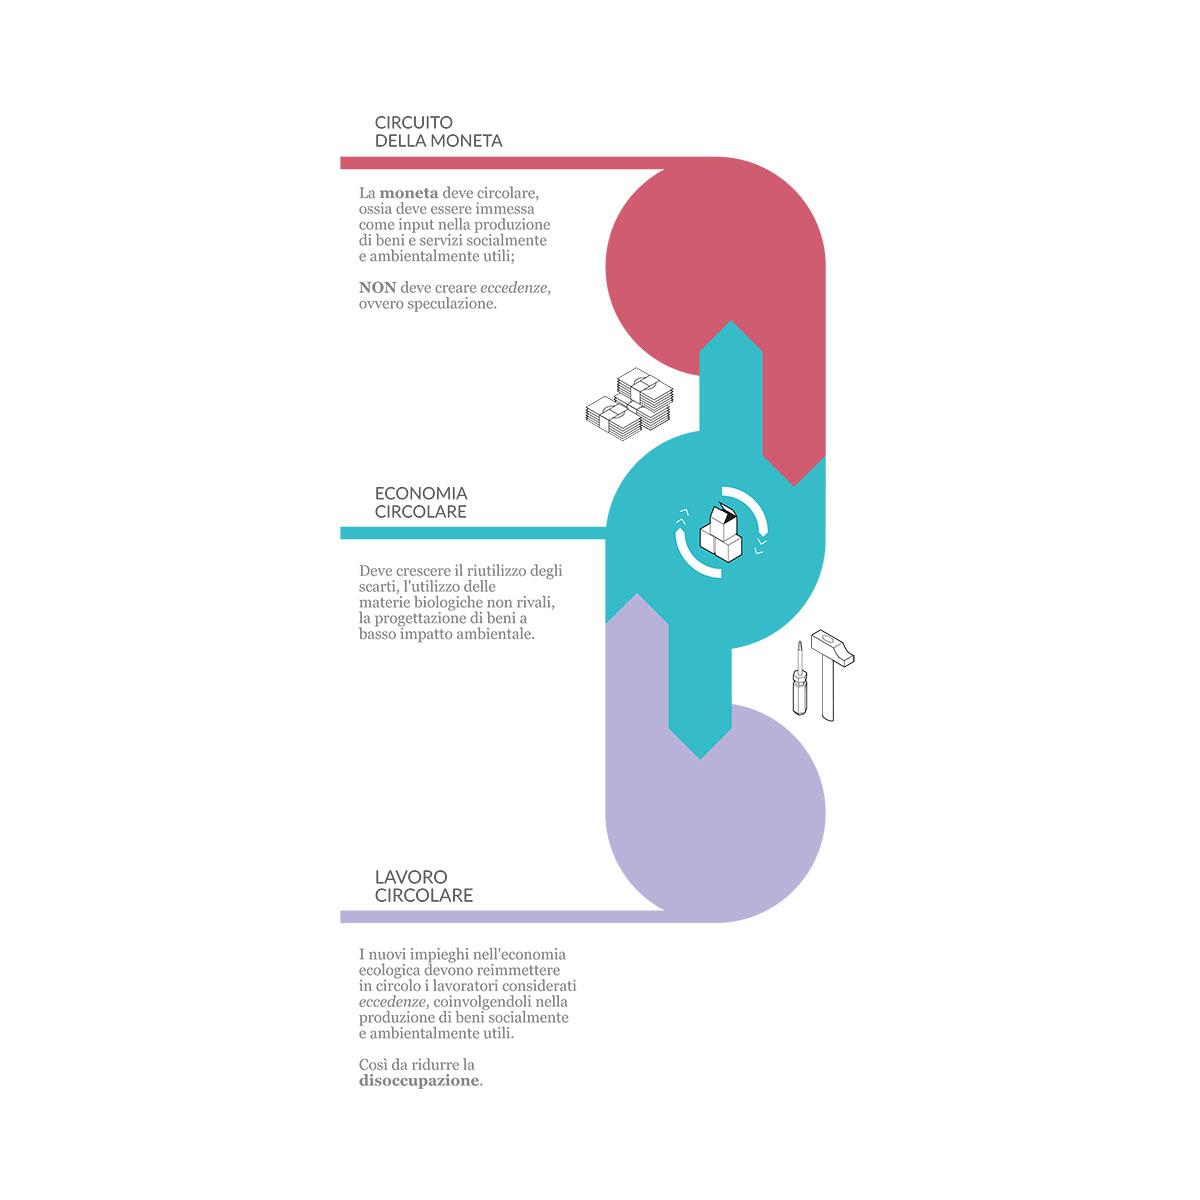 Ass. Economia e Sostenibilità, 2016. Immagine estratta dal libro Economia Innovatrice, a cura di Andrea Di Stefano e Massimiliano Lepratti.